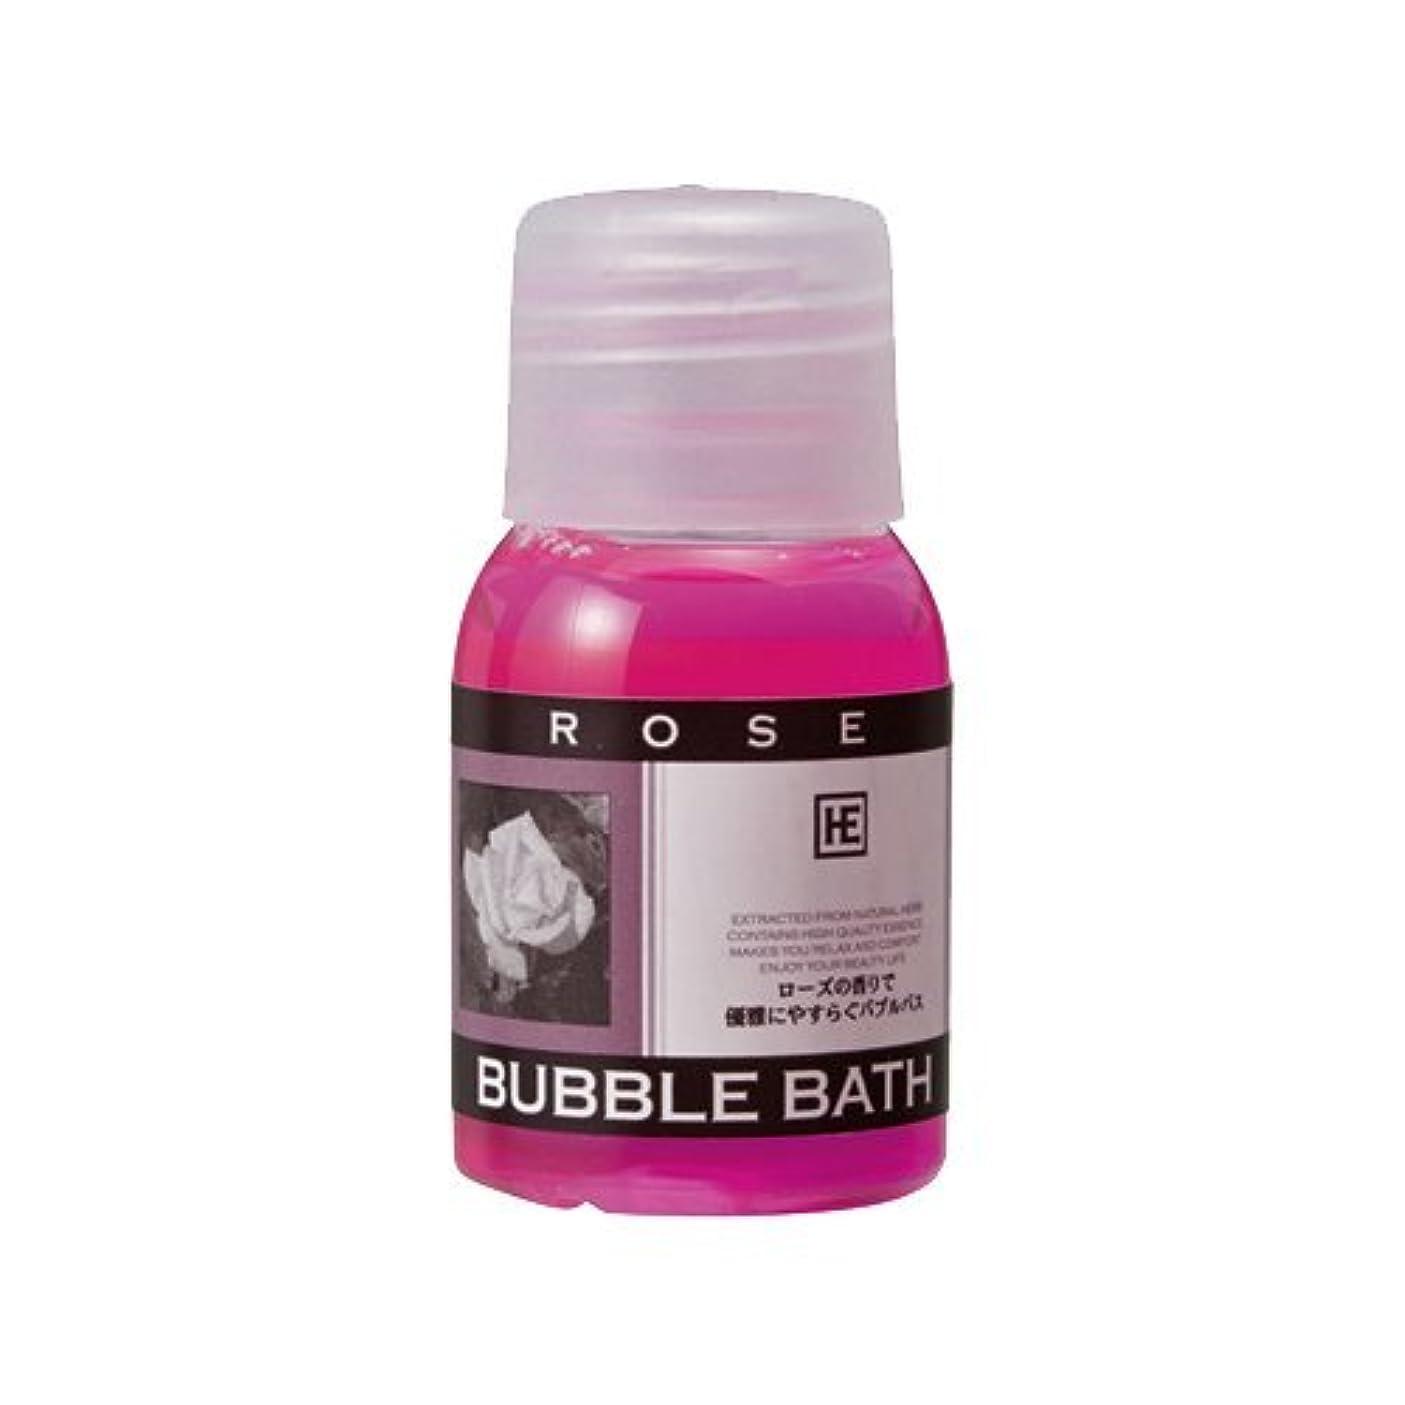 添加剤欠伸貯水池ハーバルエクストラ バブルバス ミニボトル ローズの香り × 20個セット - ホテルアメニティ 業務用 発泡入浴剤 (BUBBLE BATH)